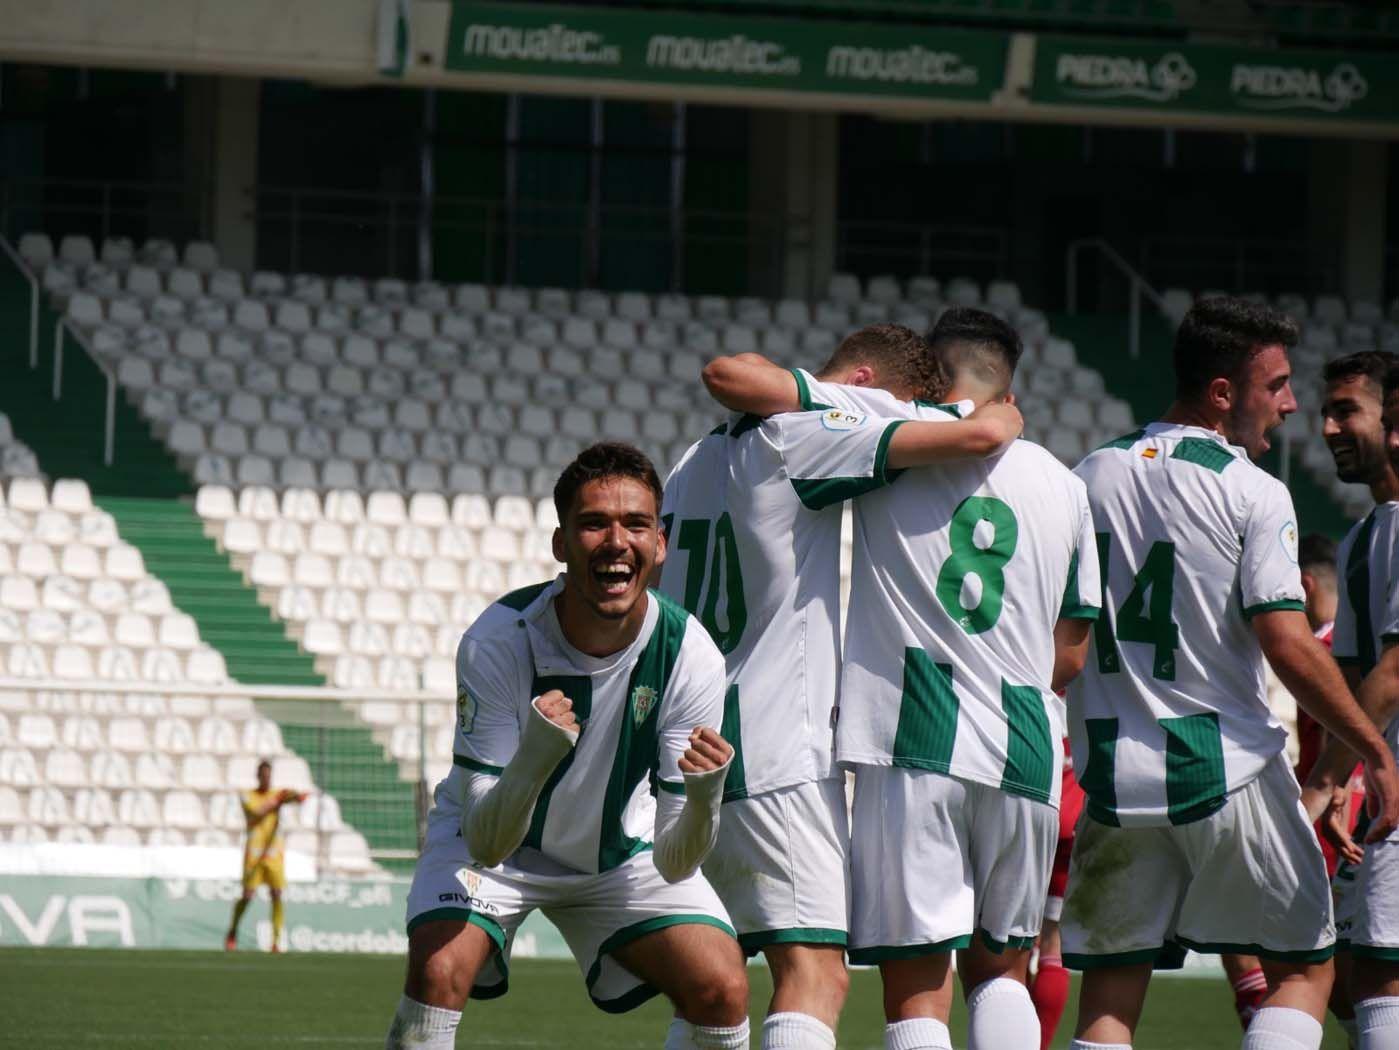 El Córdoba CF B golea al Utrera en El Arcángel